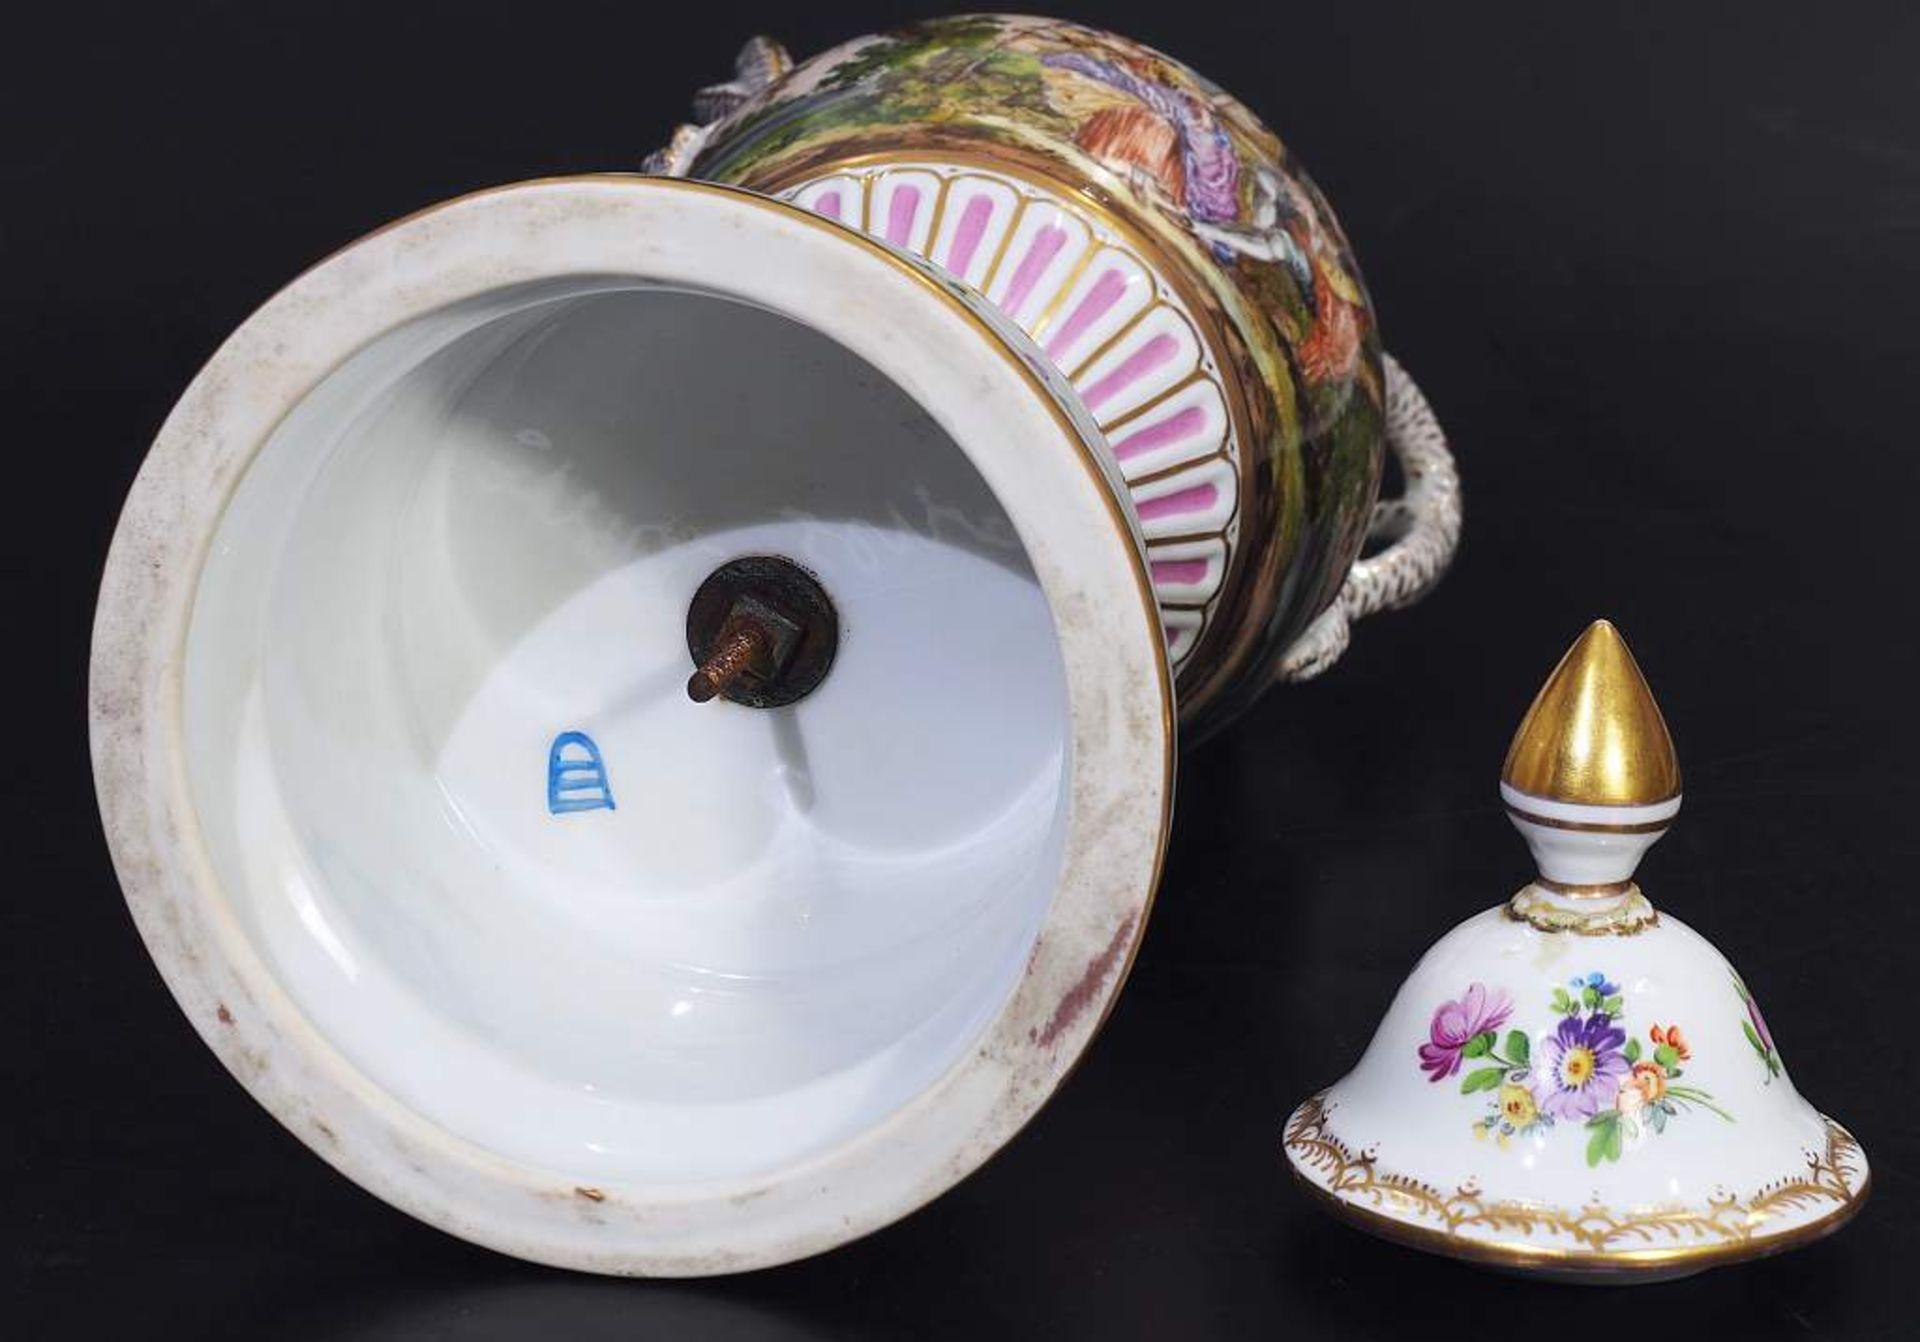 Los 11 - Schlangenhenkelvase mit Deckel. Schlangenhenkelvase mit Deckel. Georg LÖFFLER/Thüringen, Marke